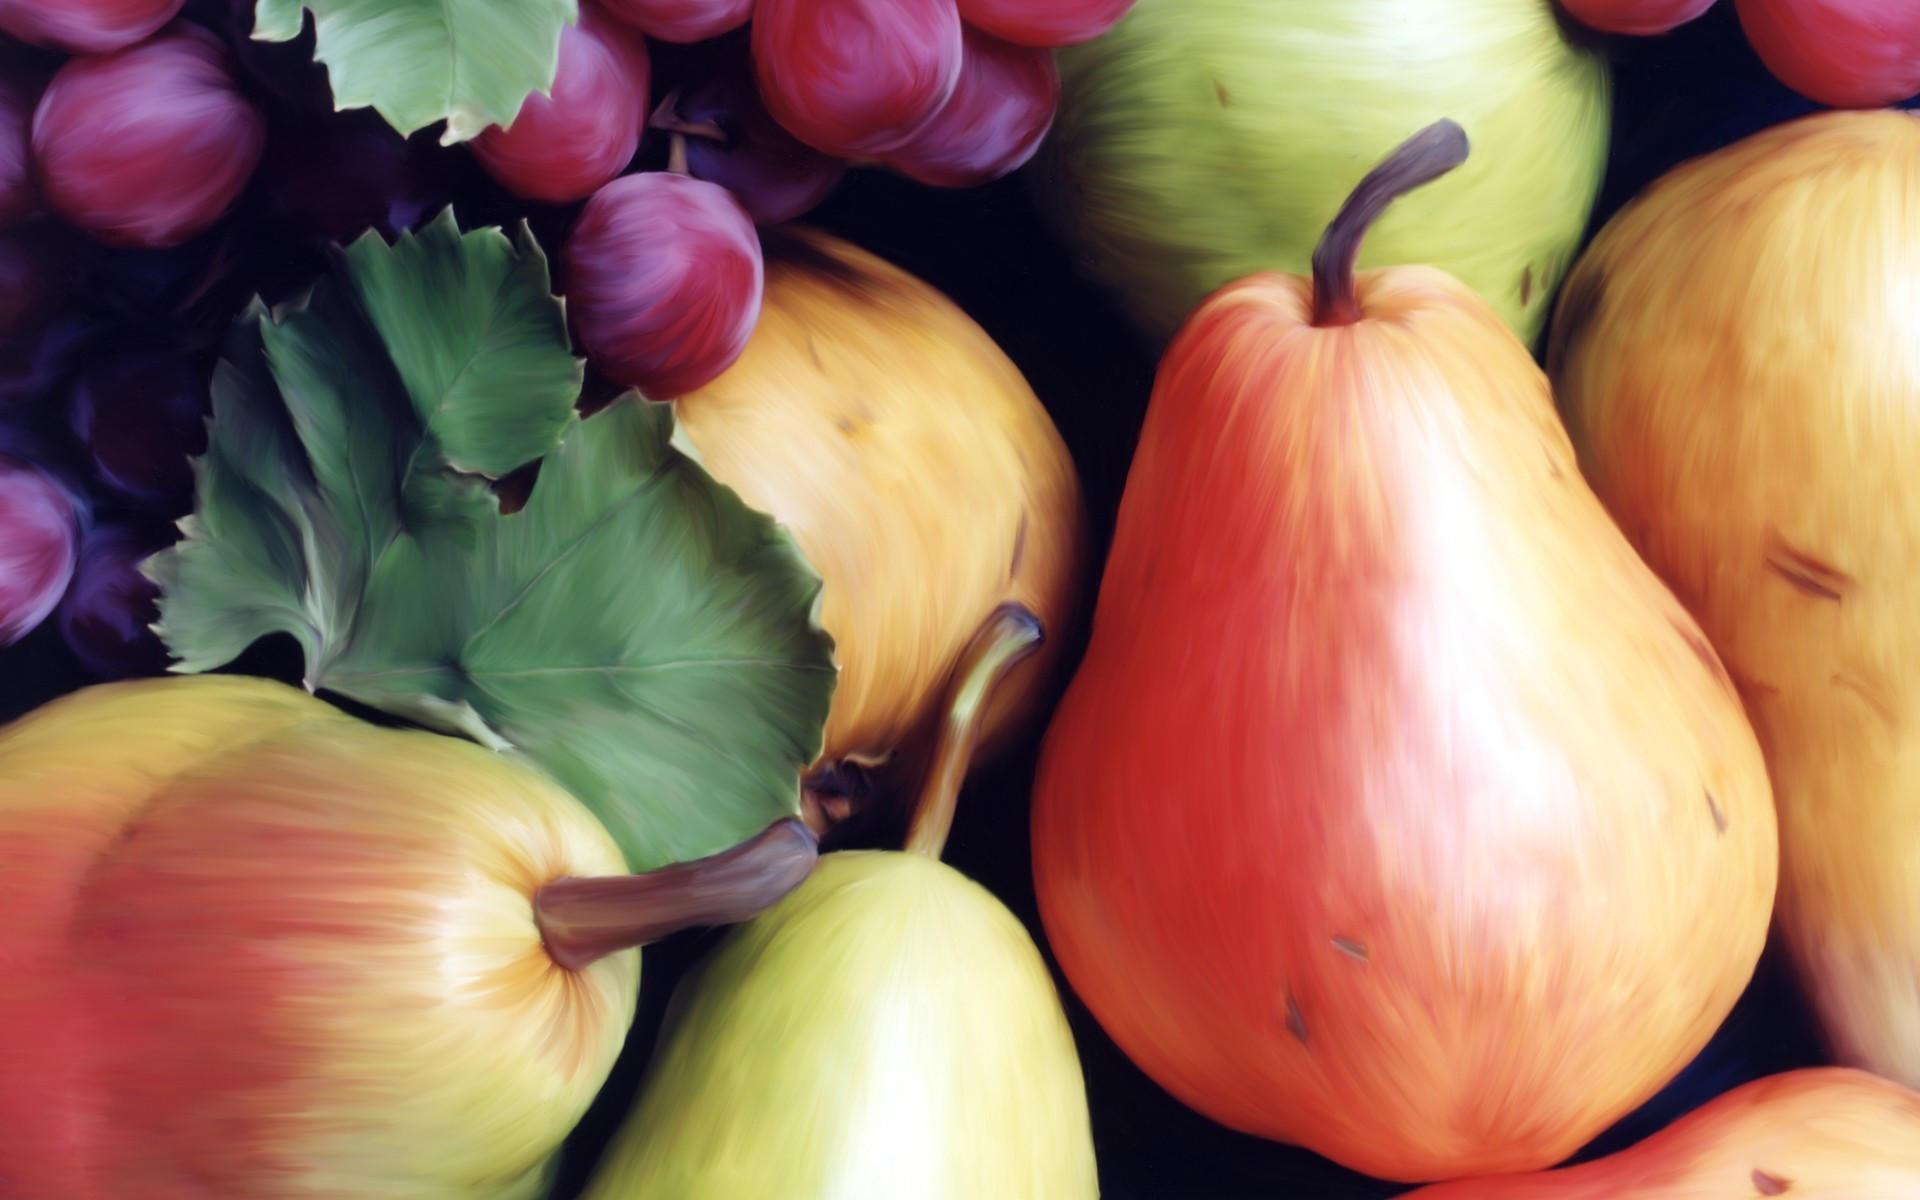 Рисованные фрукты